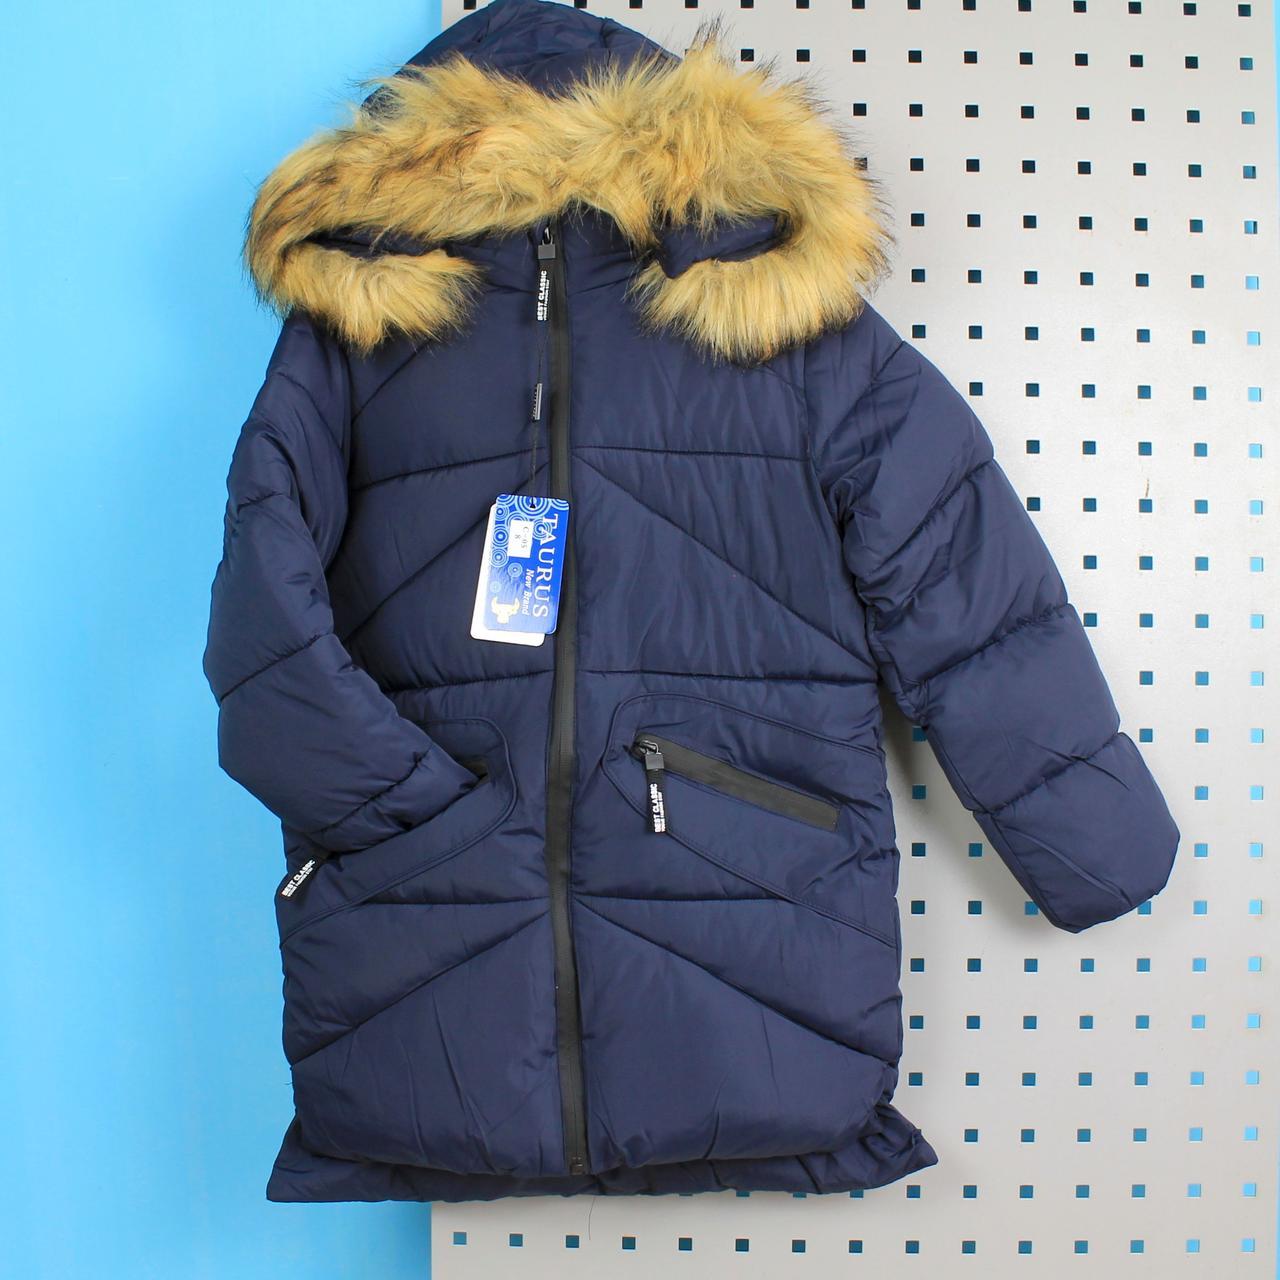 Куртка зимняя синяя для мальчика тм TAURUS размер 10,12 лет